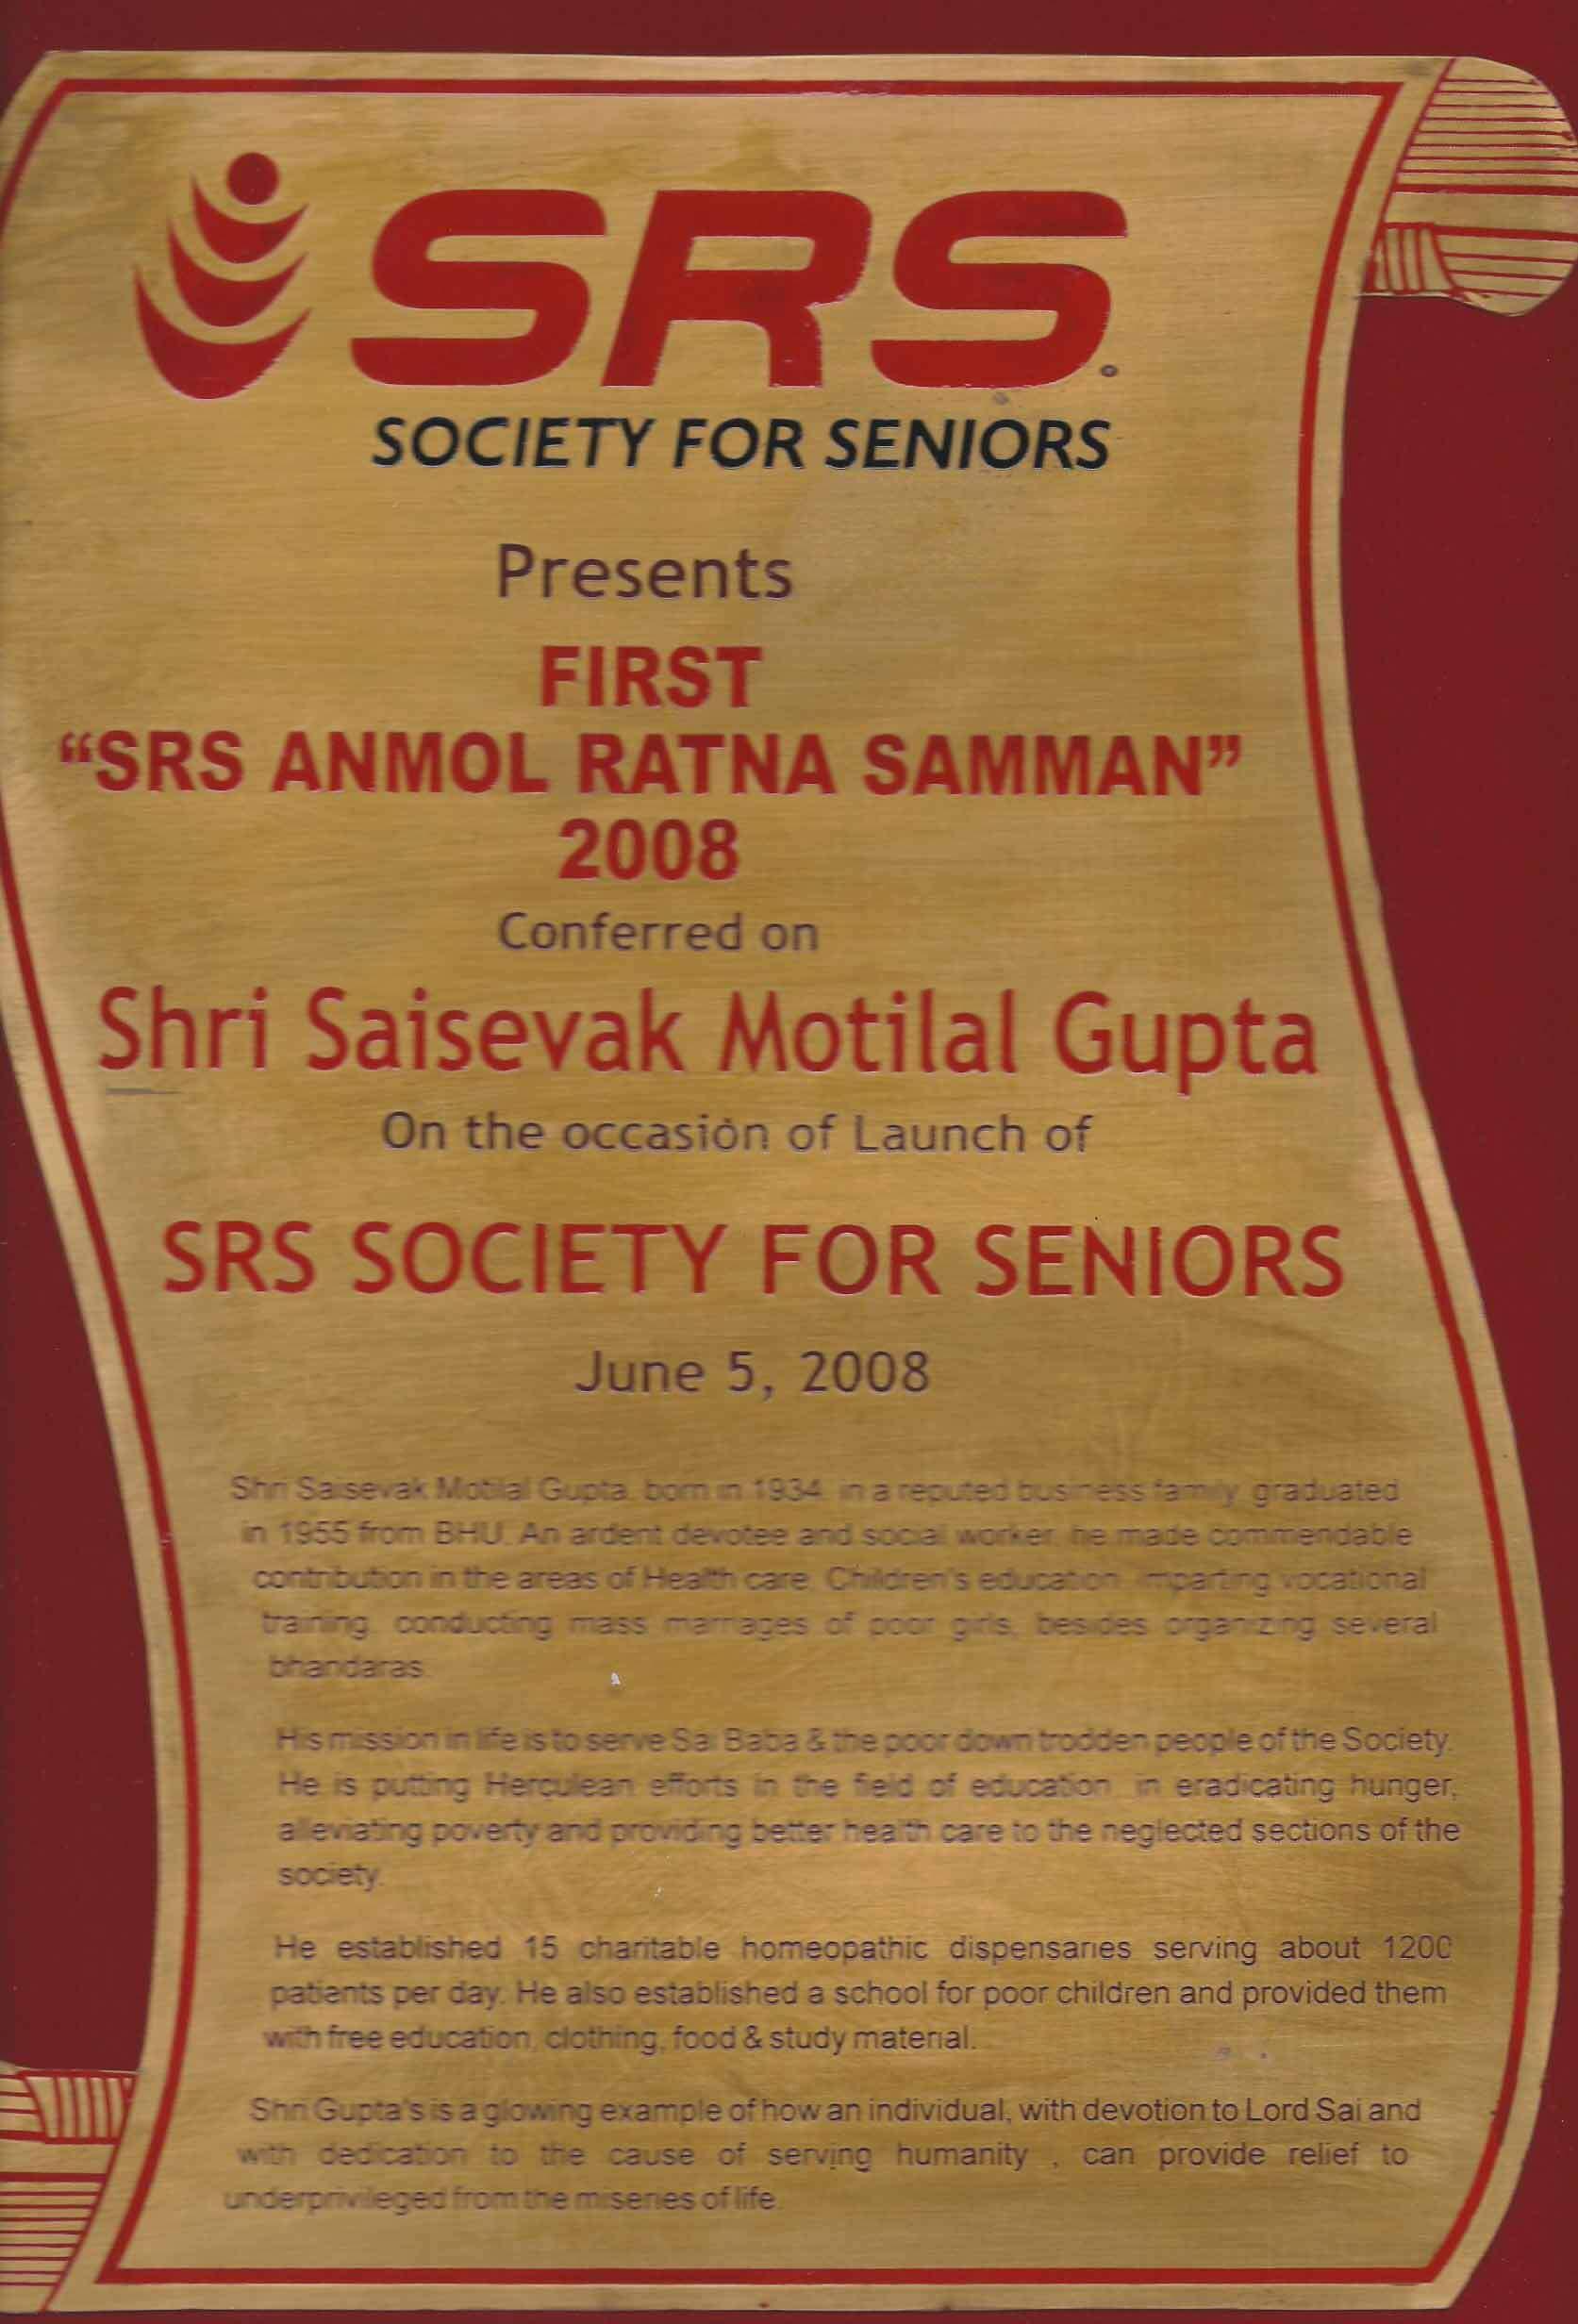 SRS society for seniors